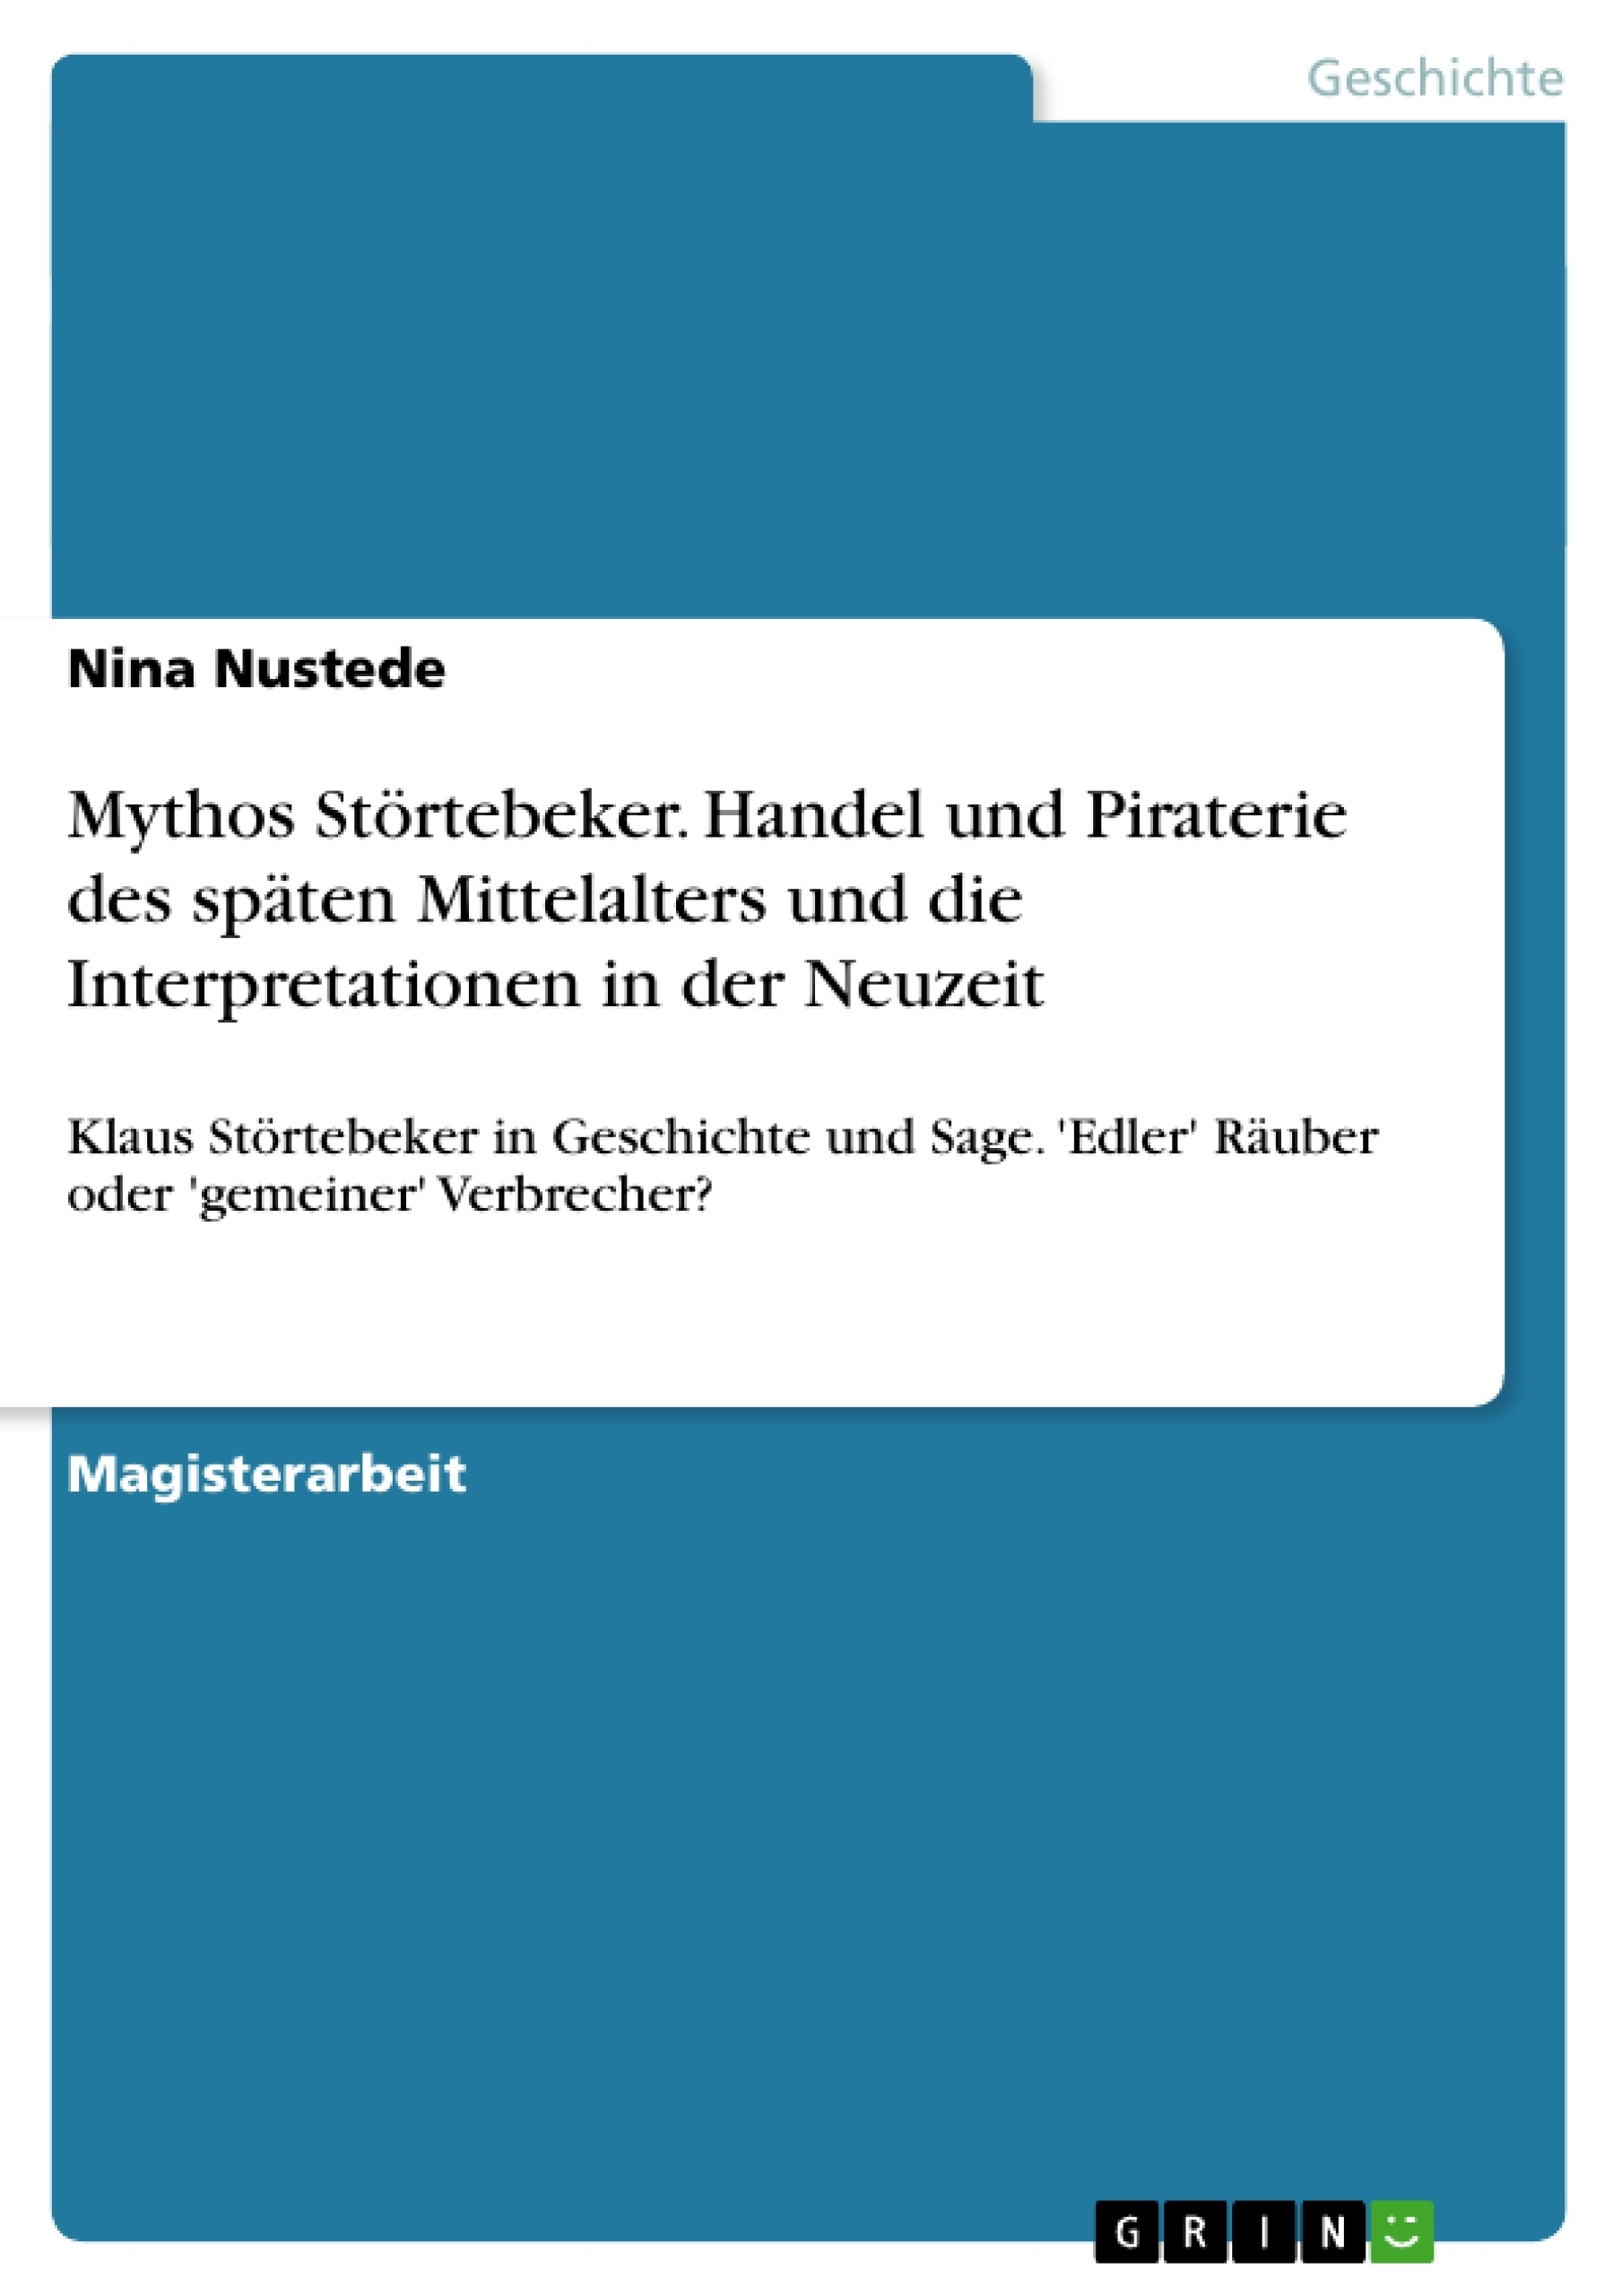 Titel: Mythos Störtebeker. Handel und Piraterie des späten Mittelalters und die Interpretationen in der Neuzeit